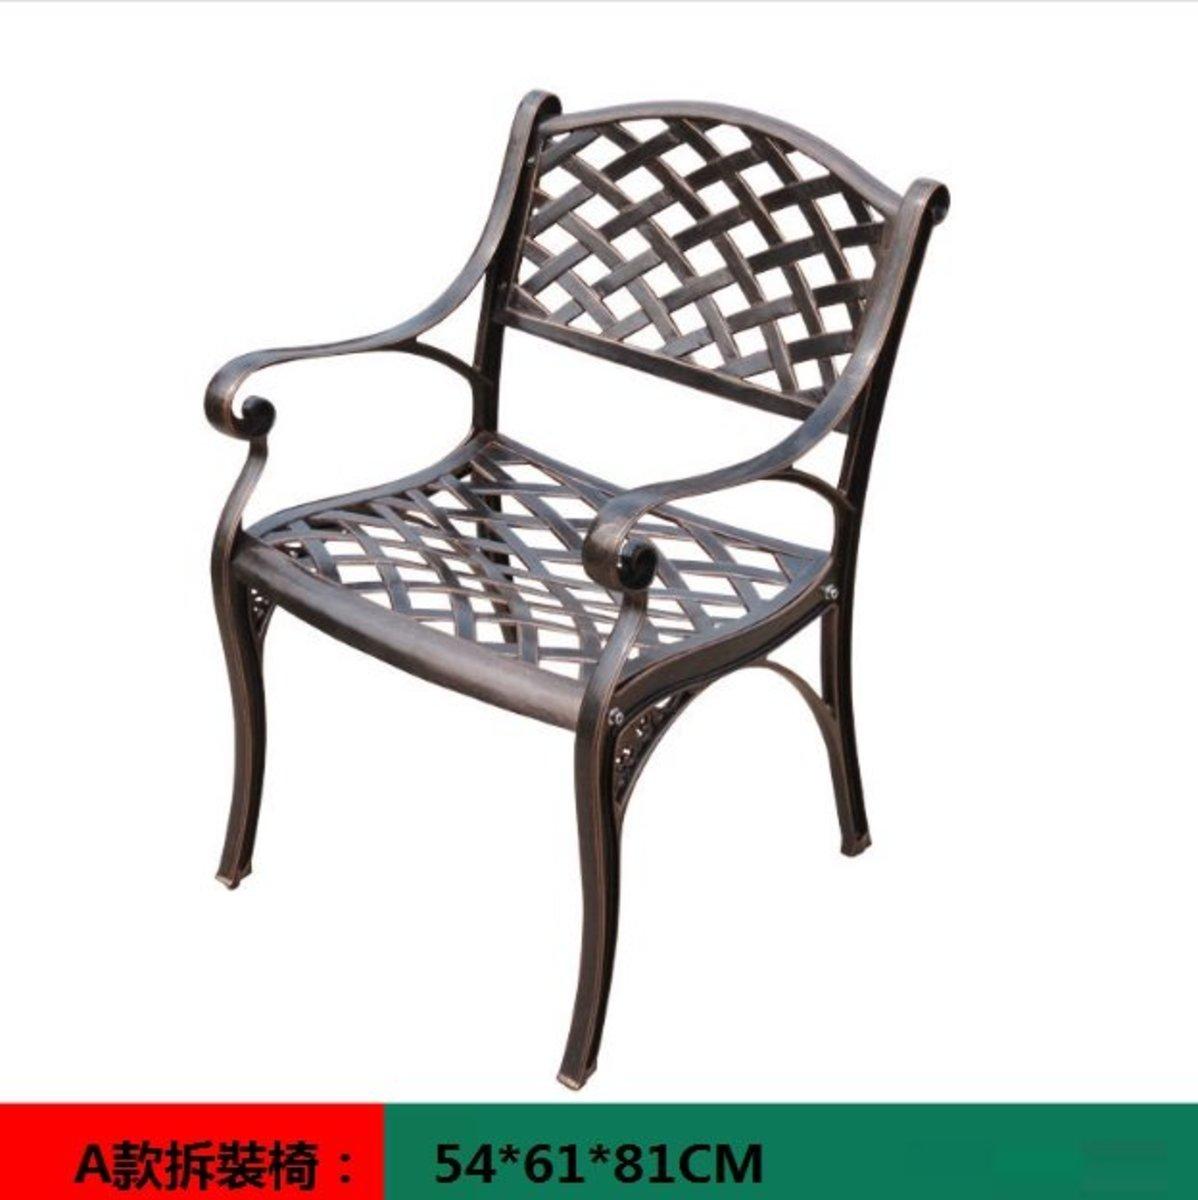 室外咖啡廳歐式餐桌椅(A款拆裝椅:54*61*81CM)